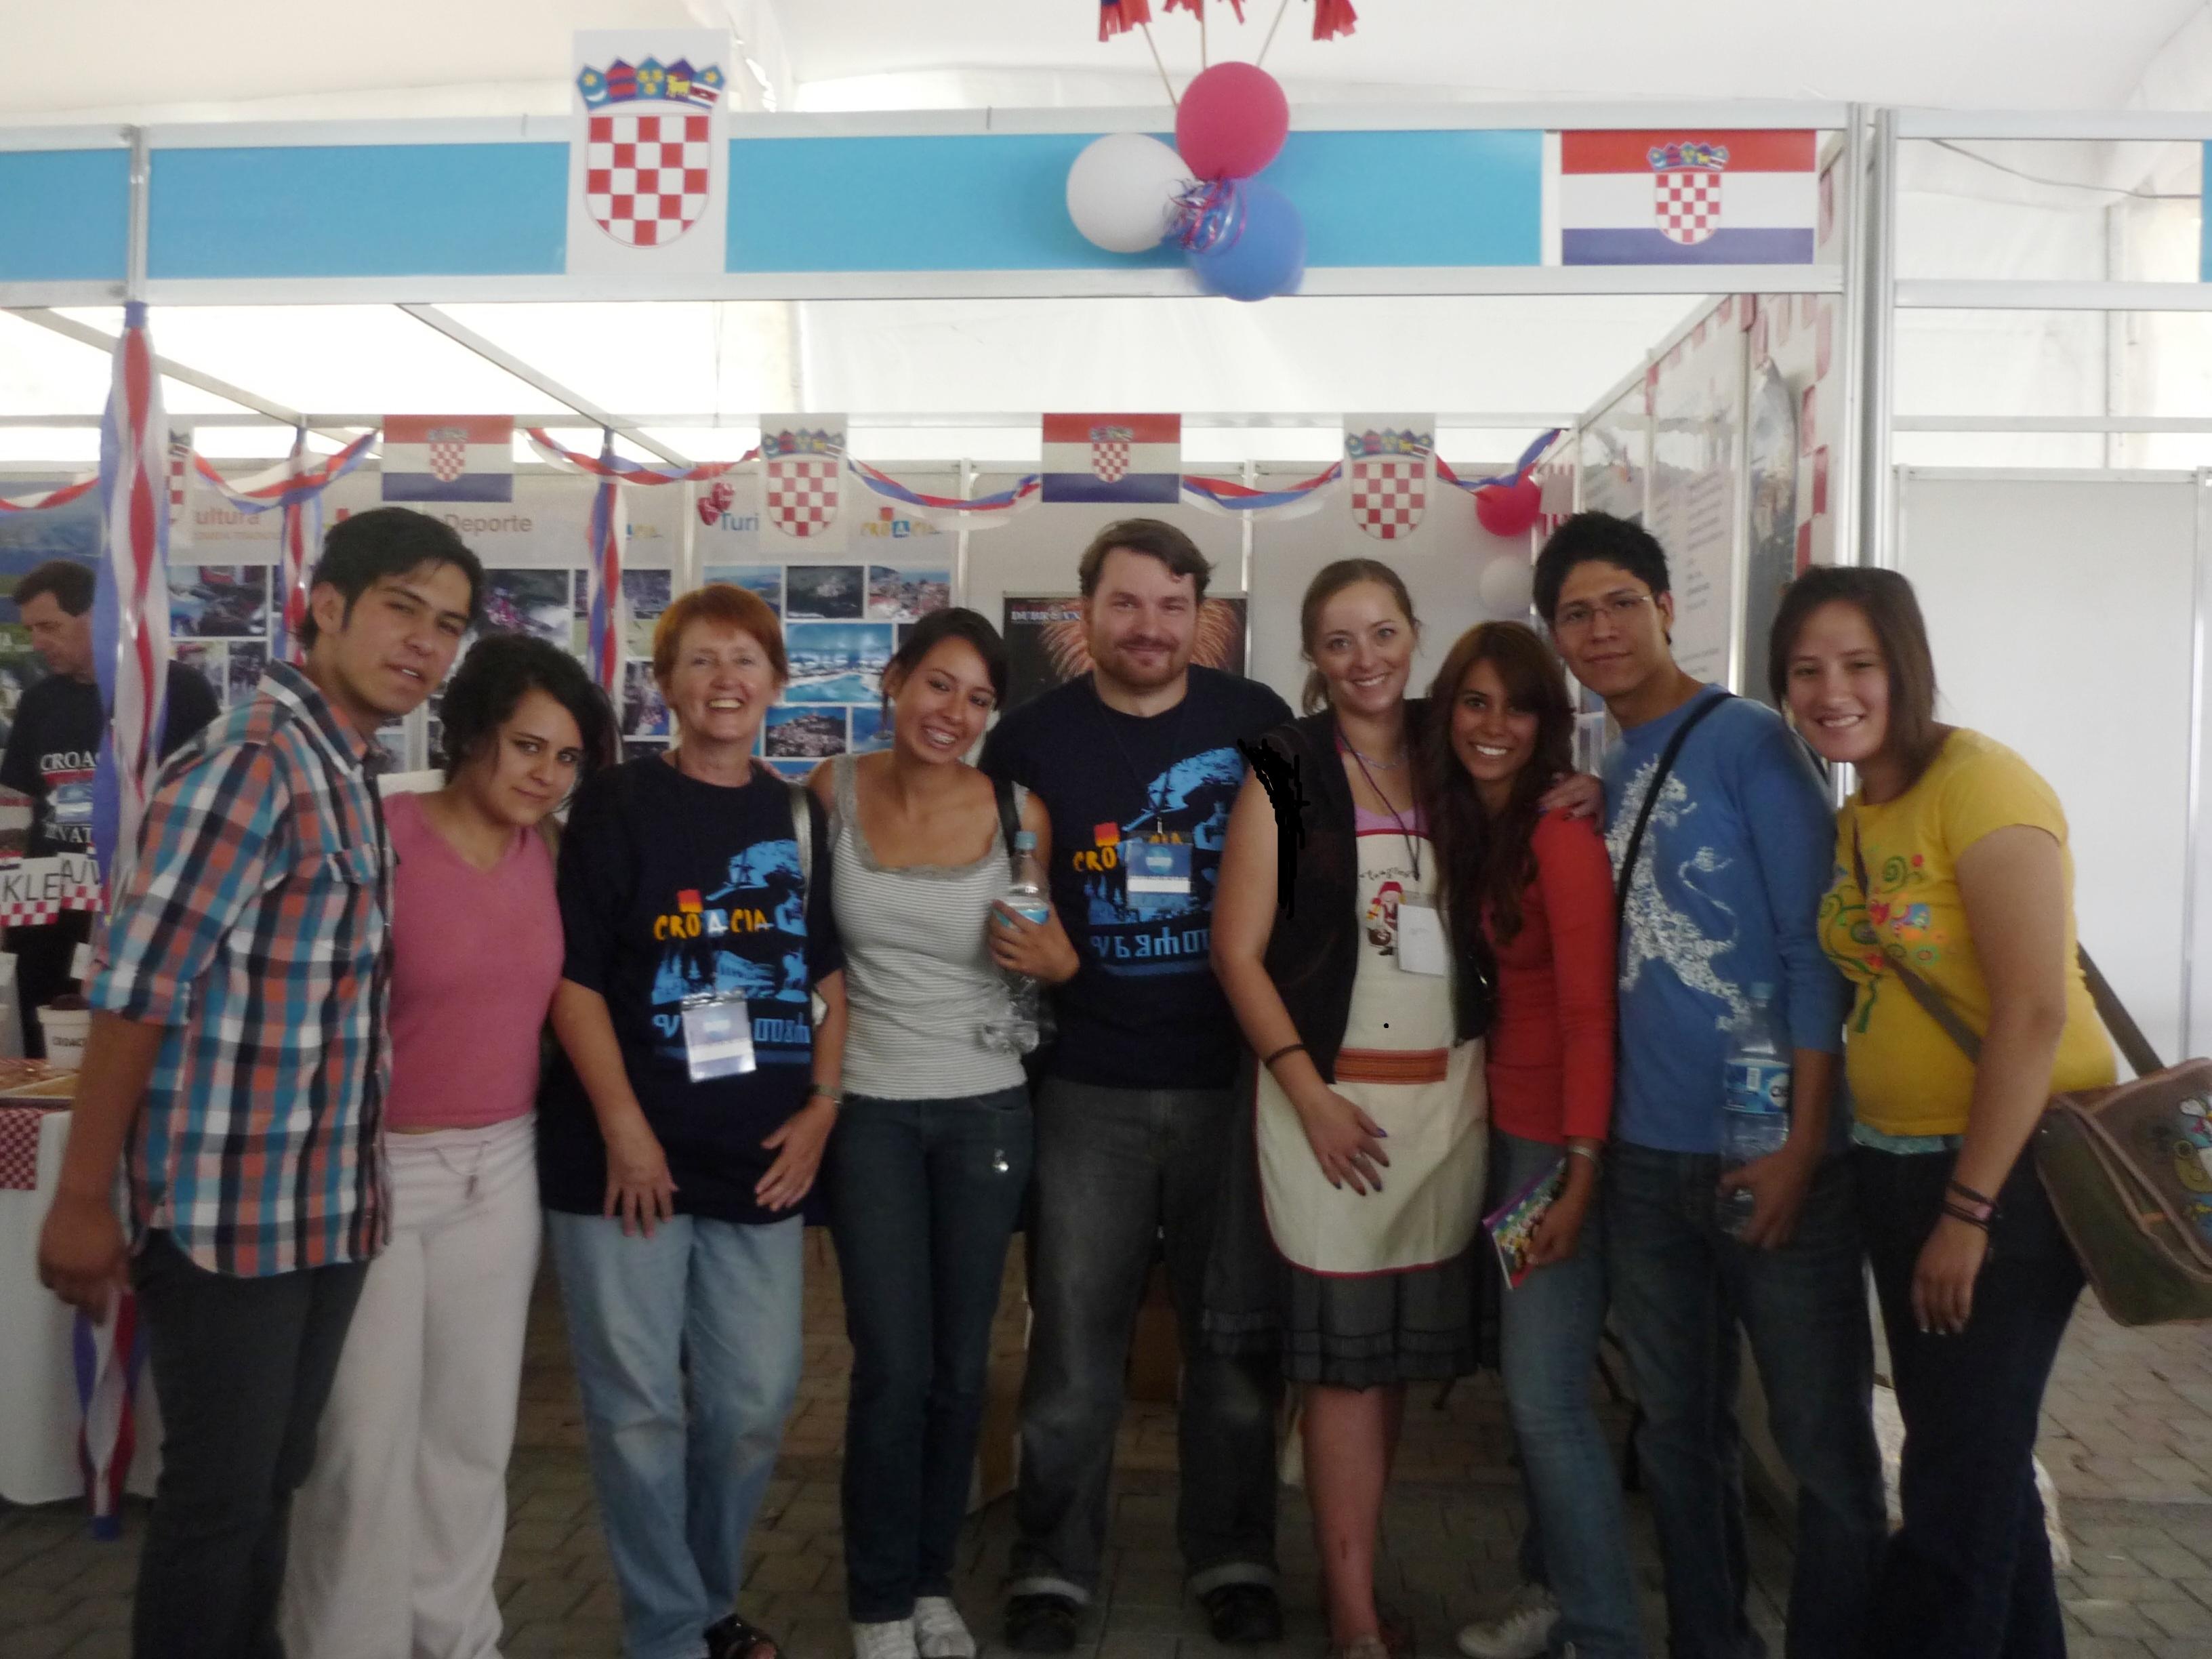 stranice za upoznavanje meksiko df internetske stranice za upoznavanje najbolje besplatno